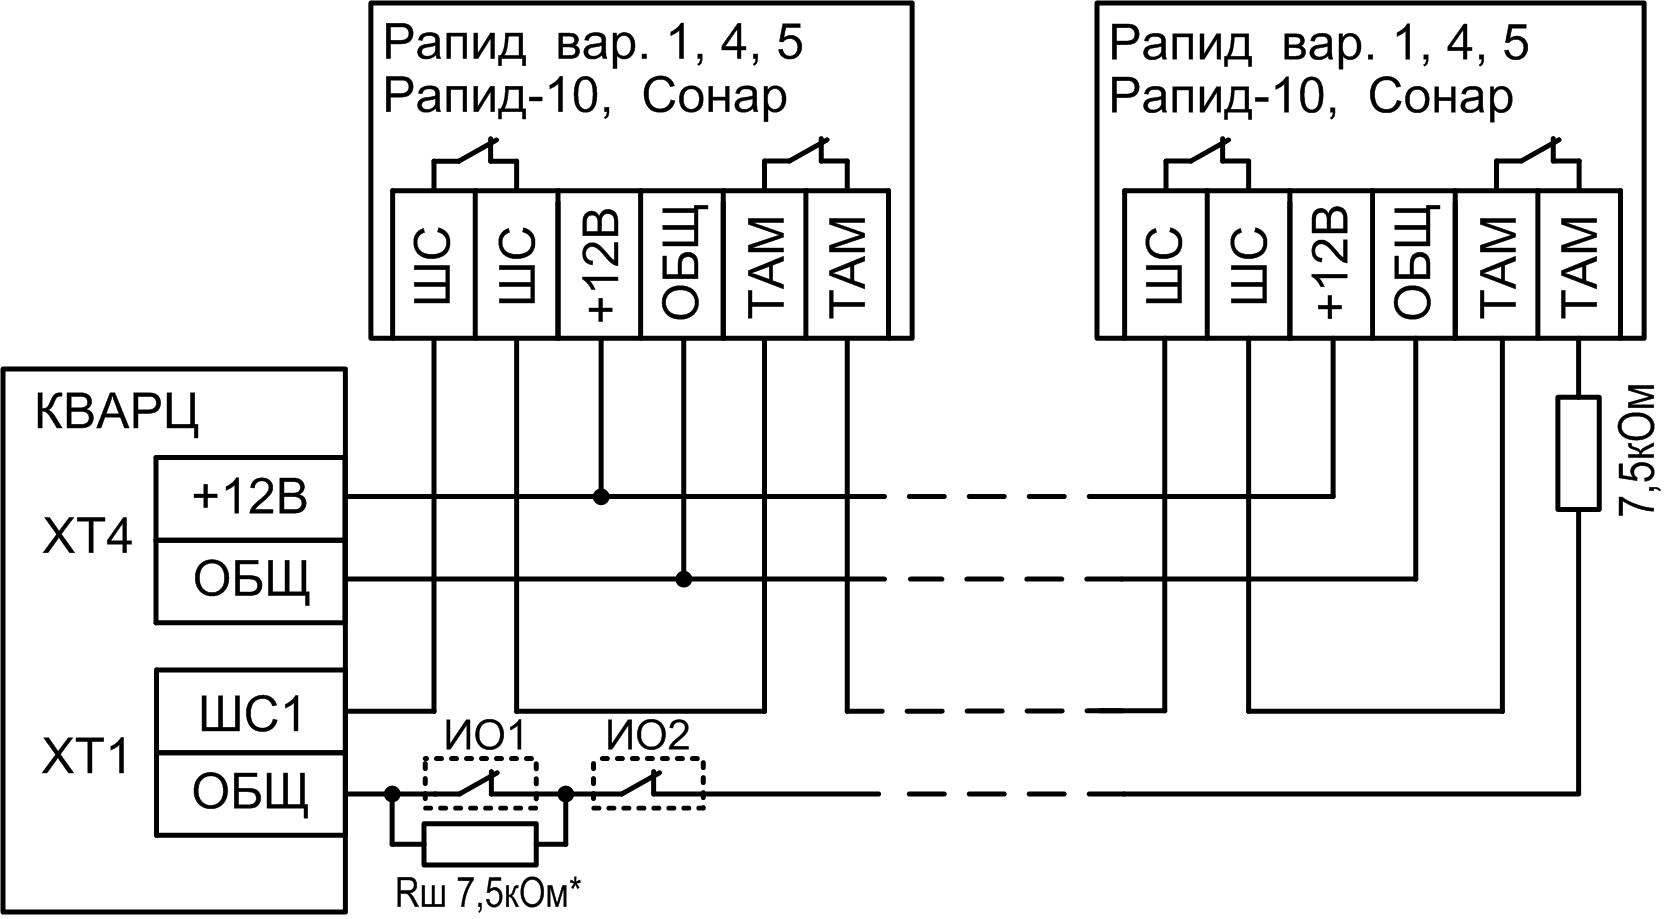 Кварц тн 021 схема